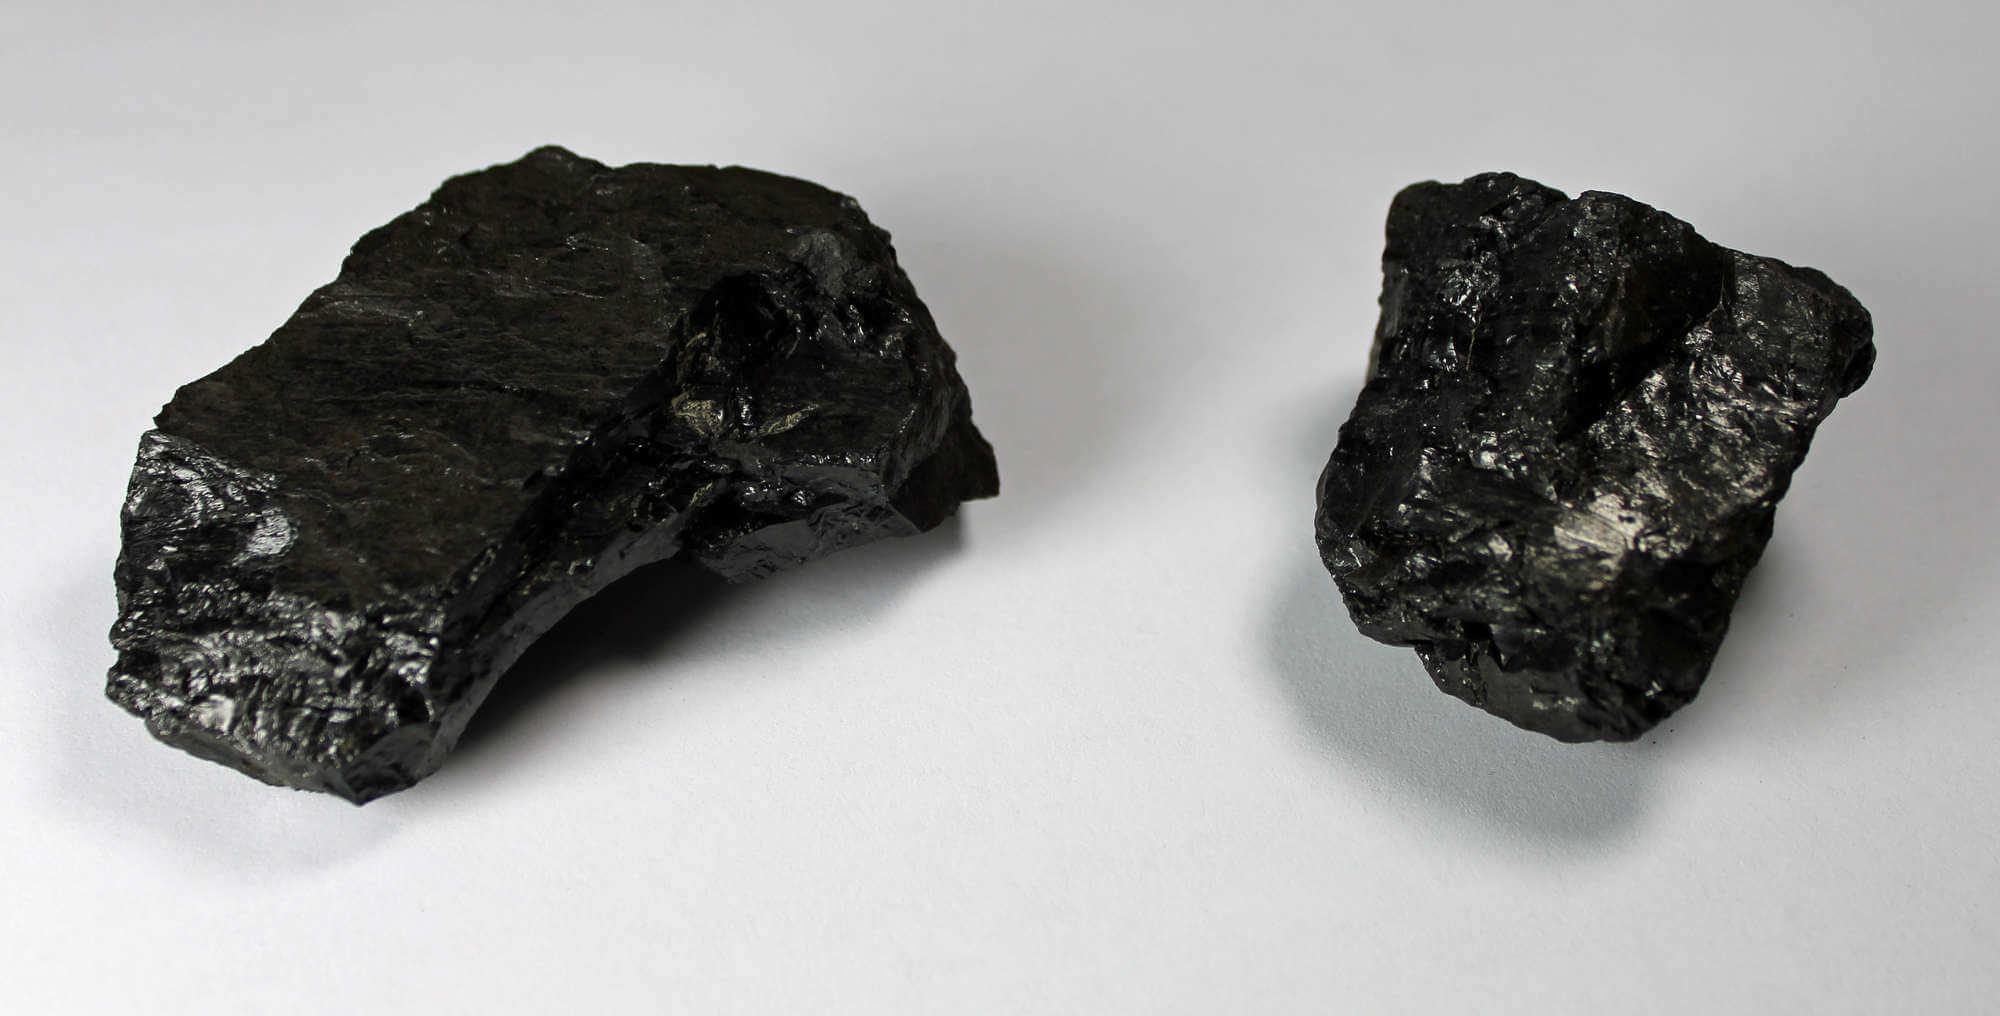 Ученые предлагают извлекать редкоземельные элементы из угля